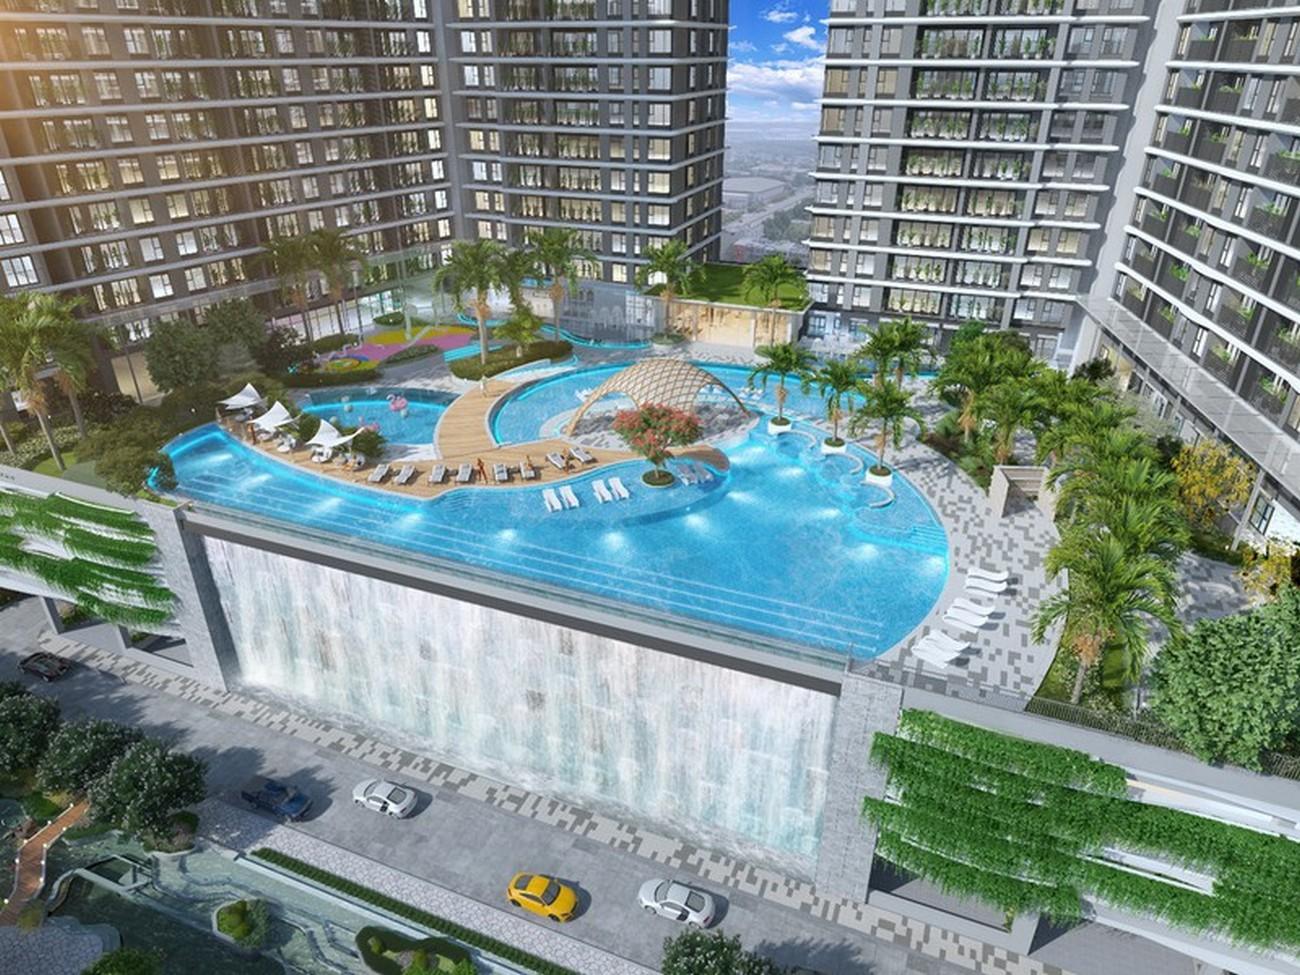 Tiện ích dự án căn hộ chung cư Midori Park The Glory Thủ Dầu Một  chủ đầu tư Becamex Tokyu